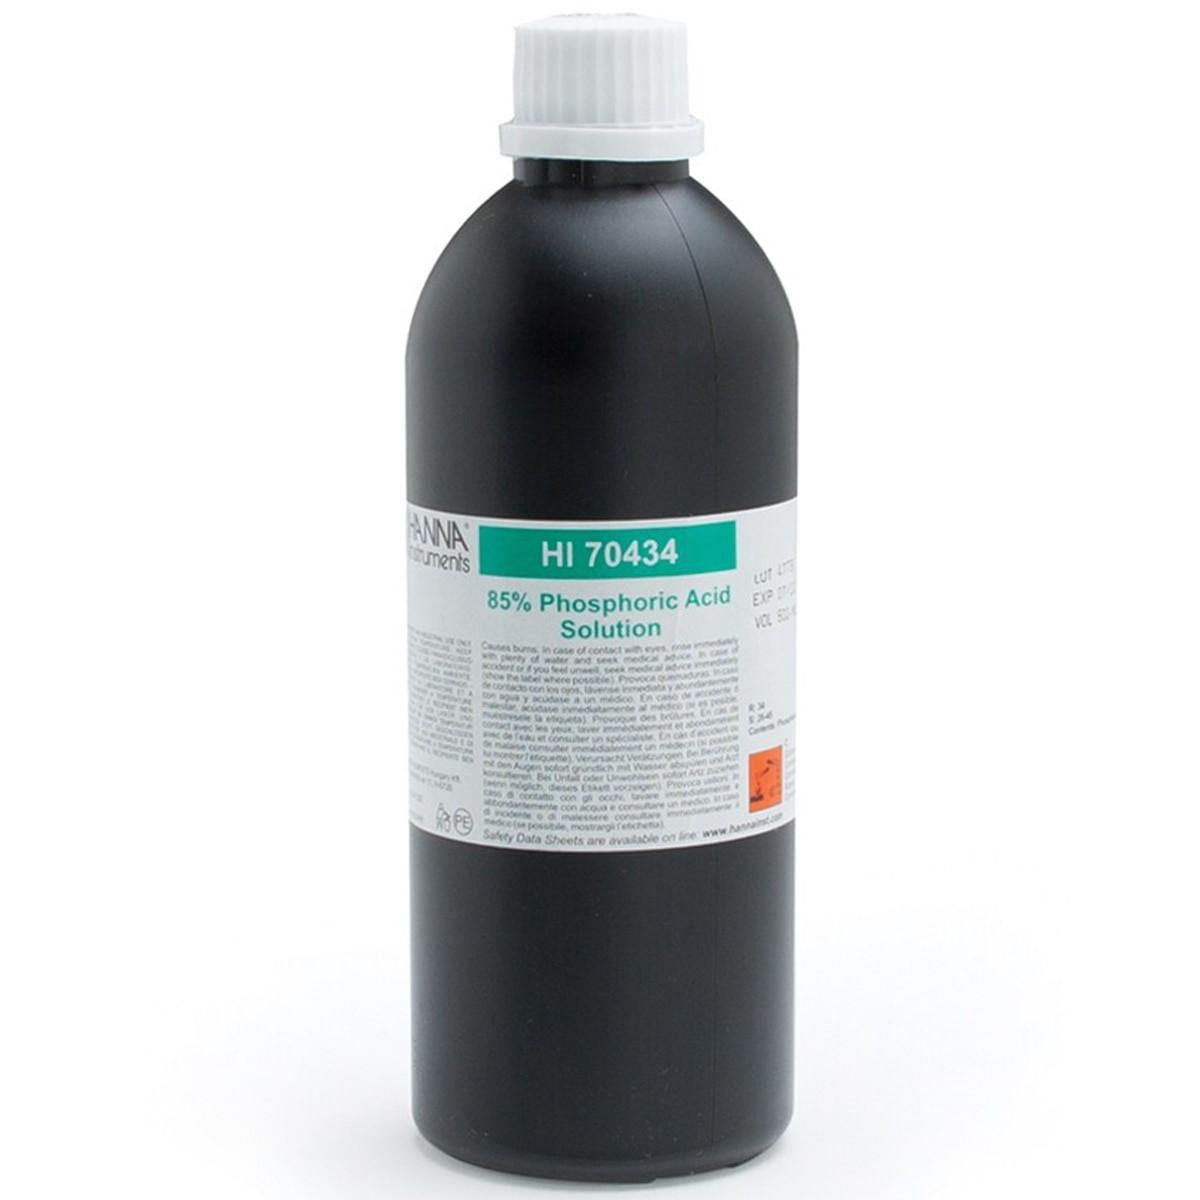 Soluzione idrossido di sodio 5M, 500 mL - HI70435